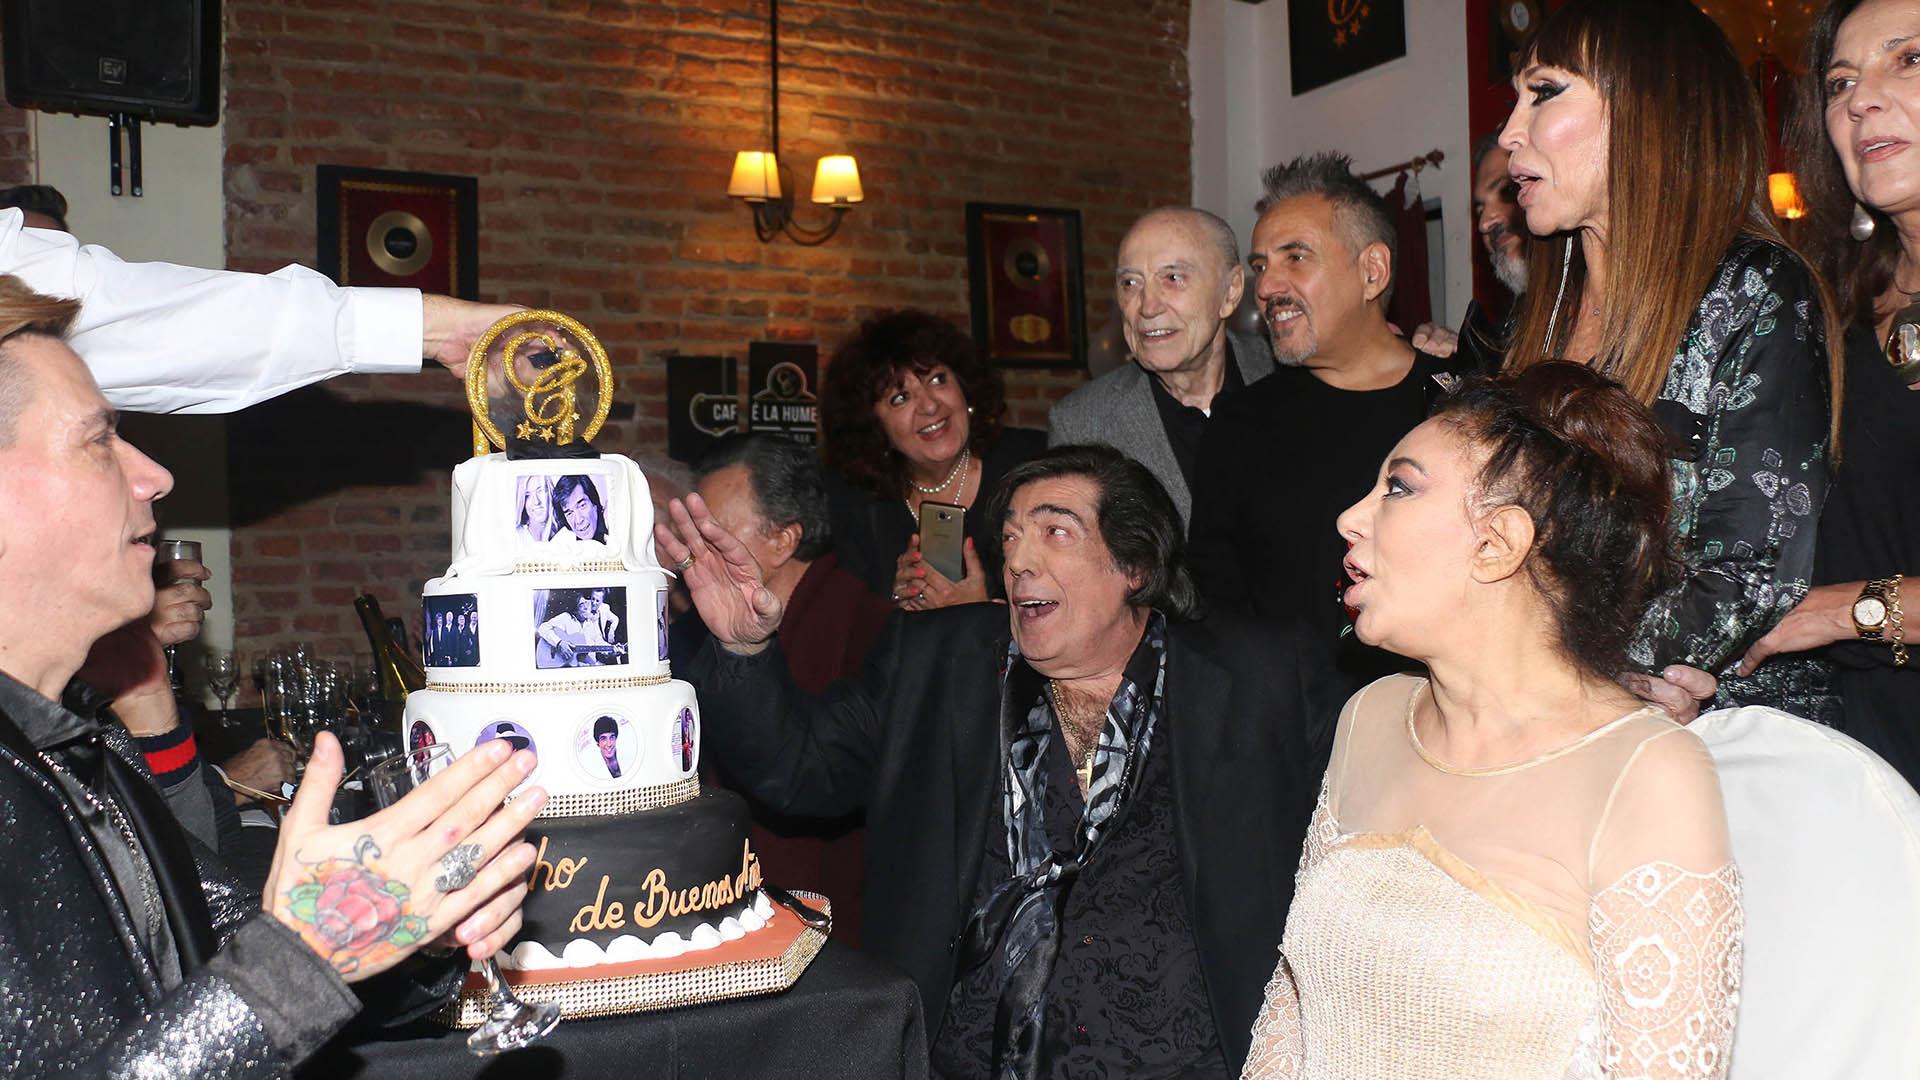 La torta de cumpleaños tenía cuatro pisos. Estaba decorada con diversas imágenes del intérprete